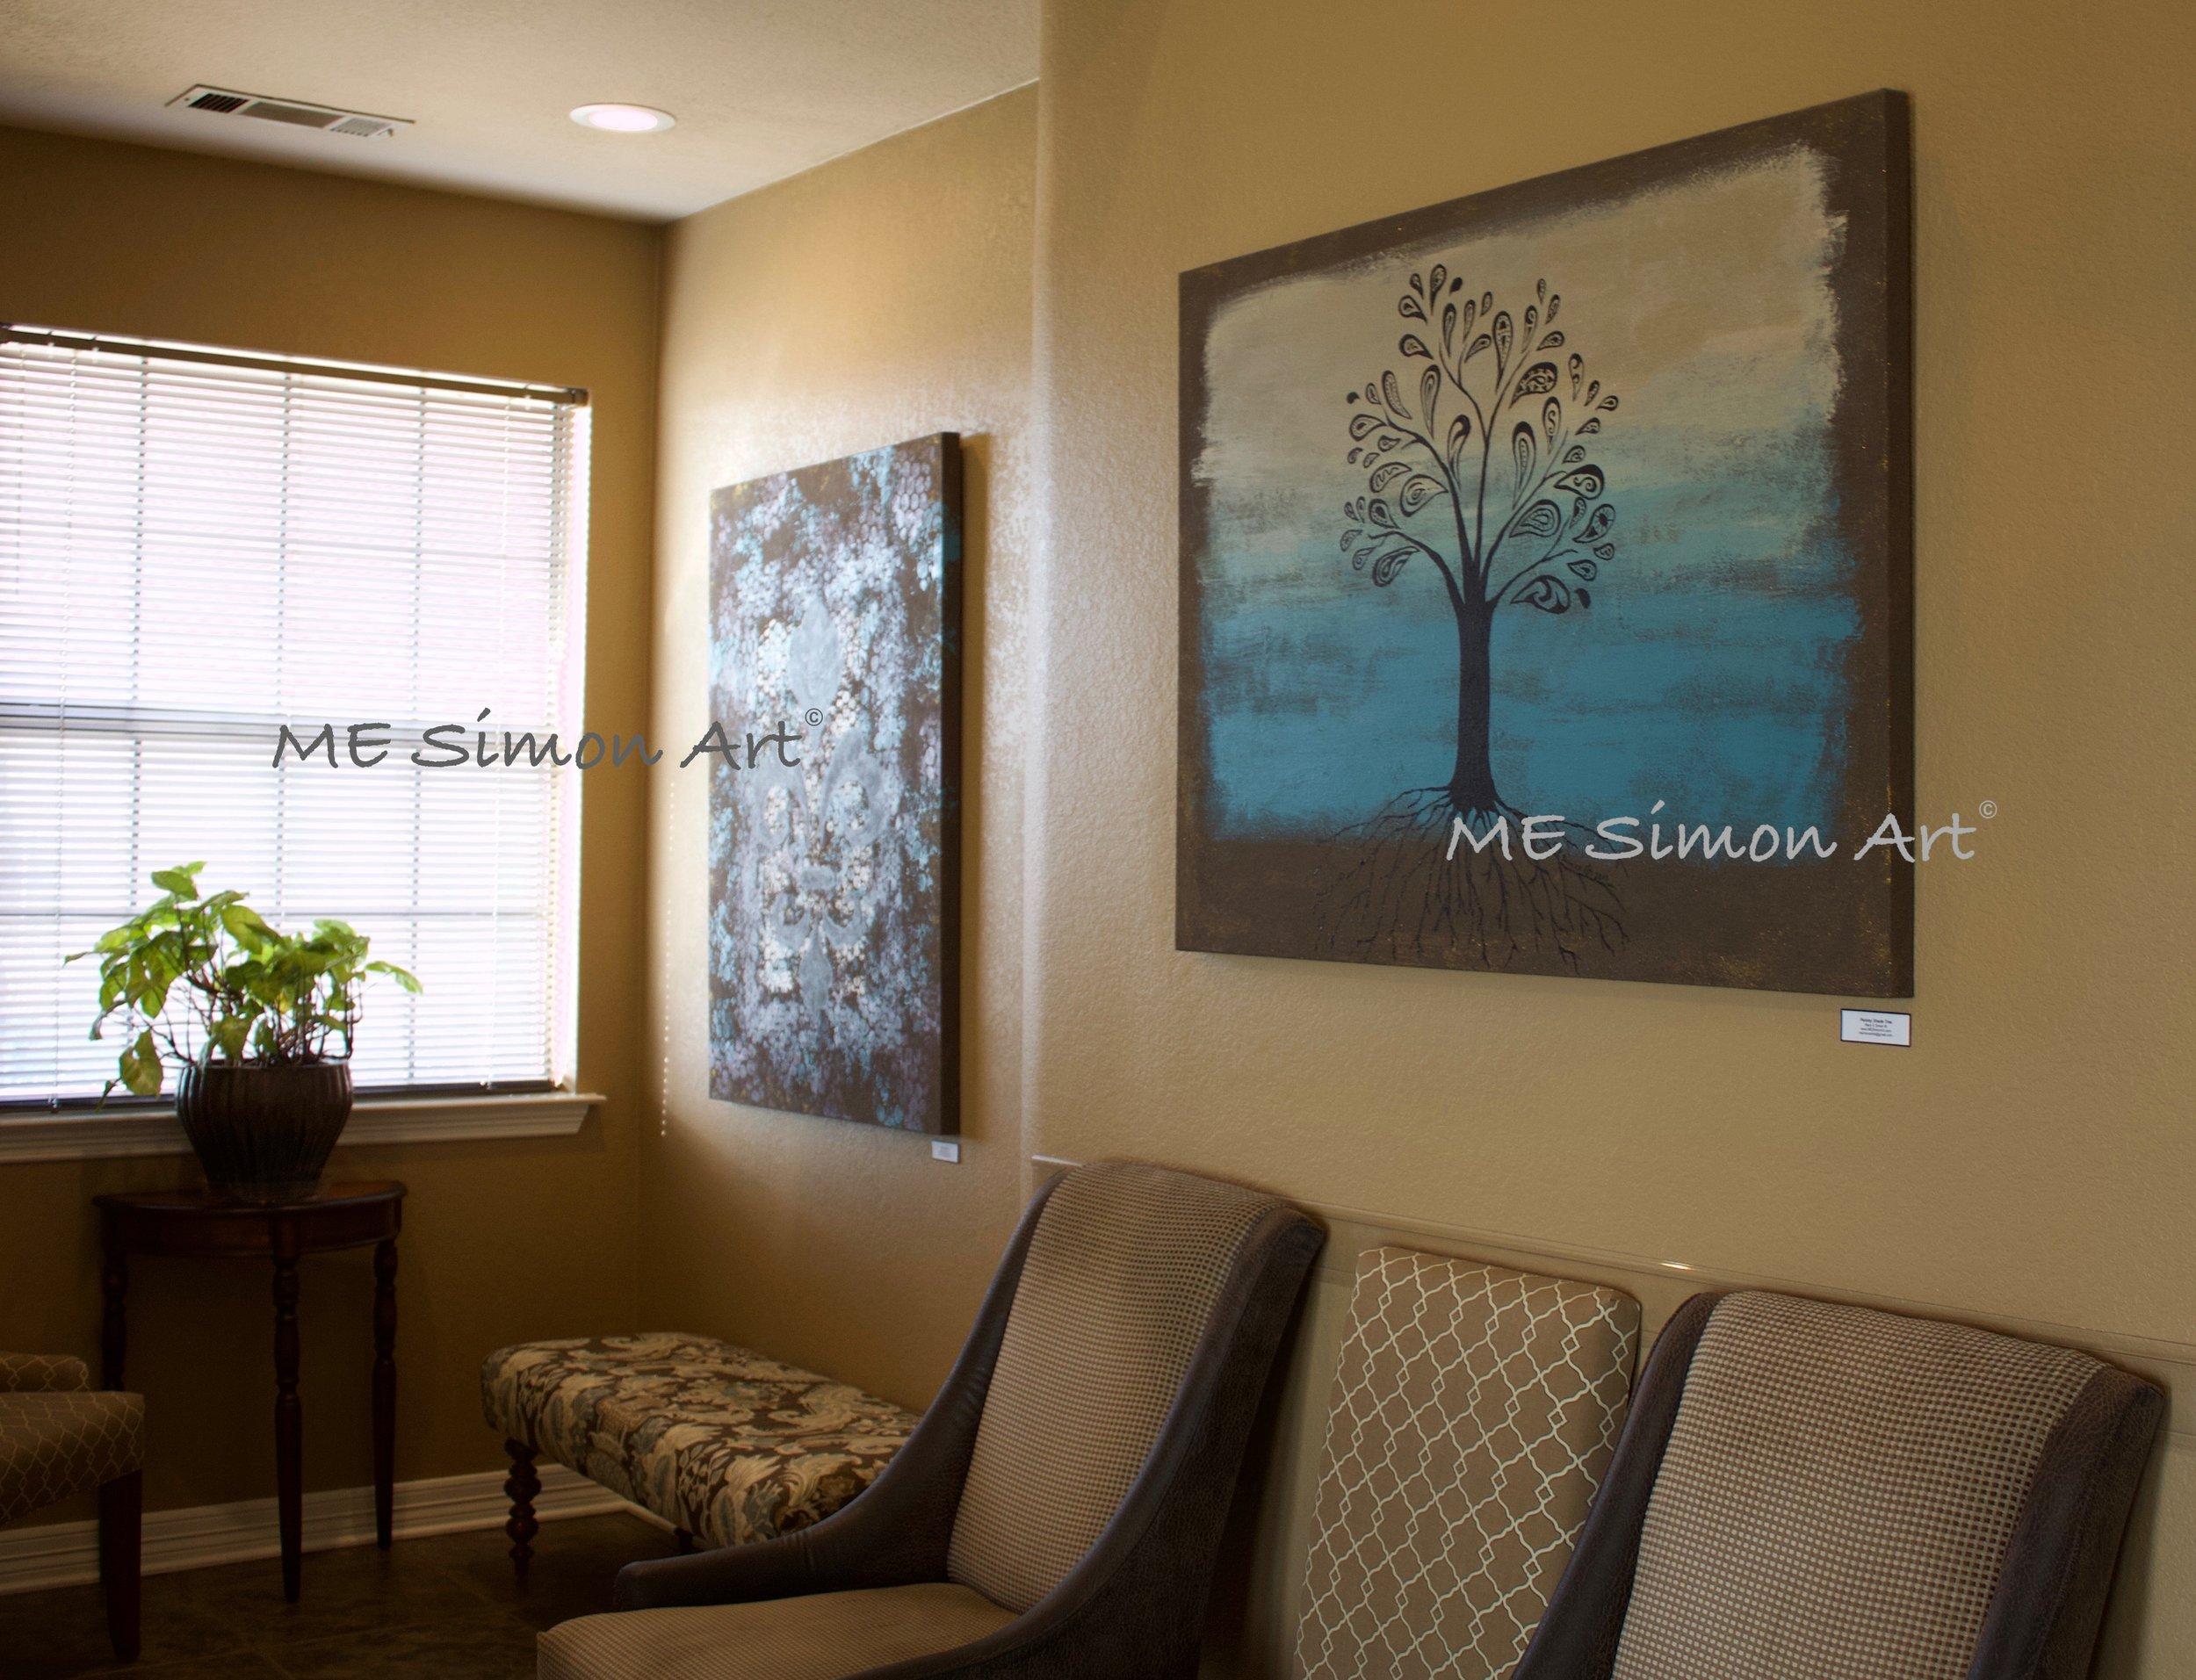 Office artwork on display in Keller, TX.